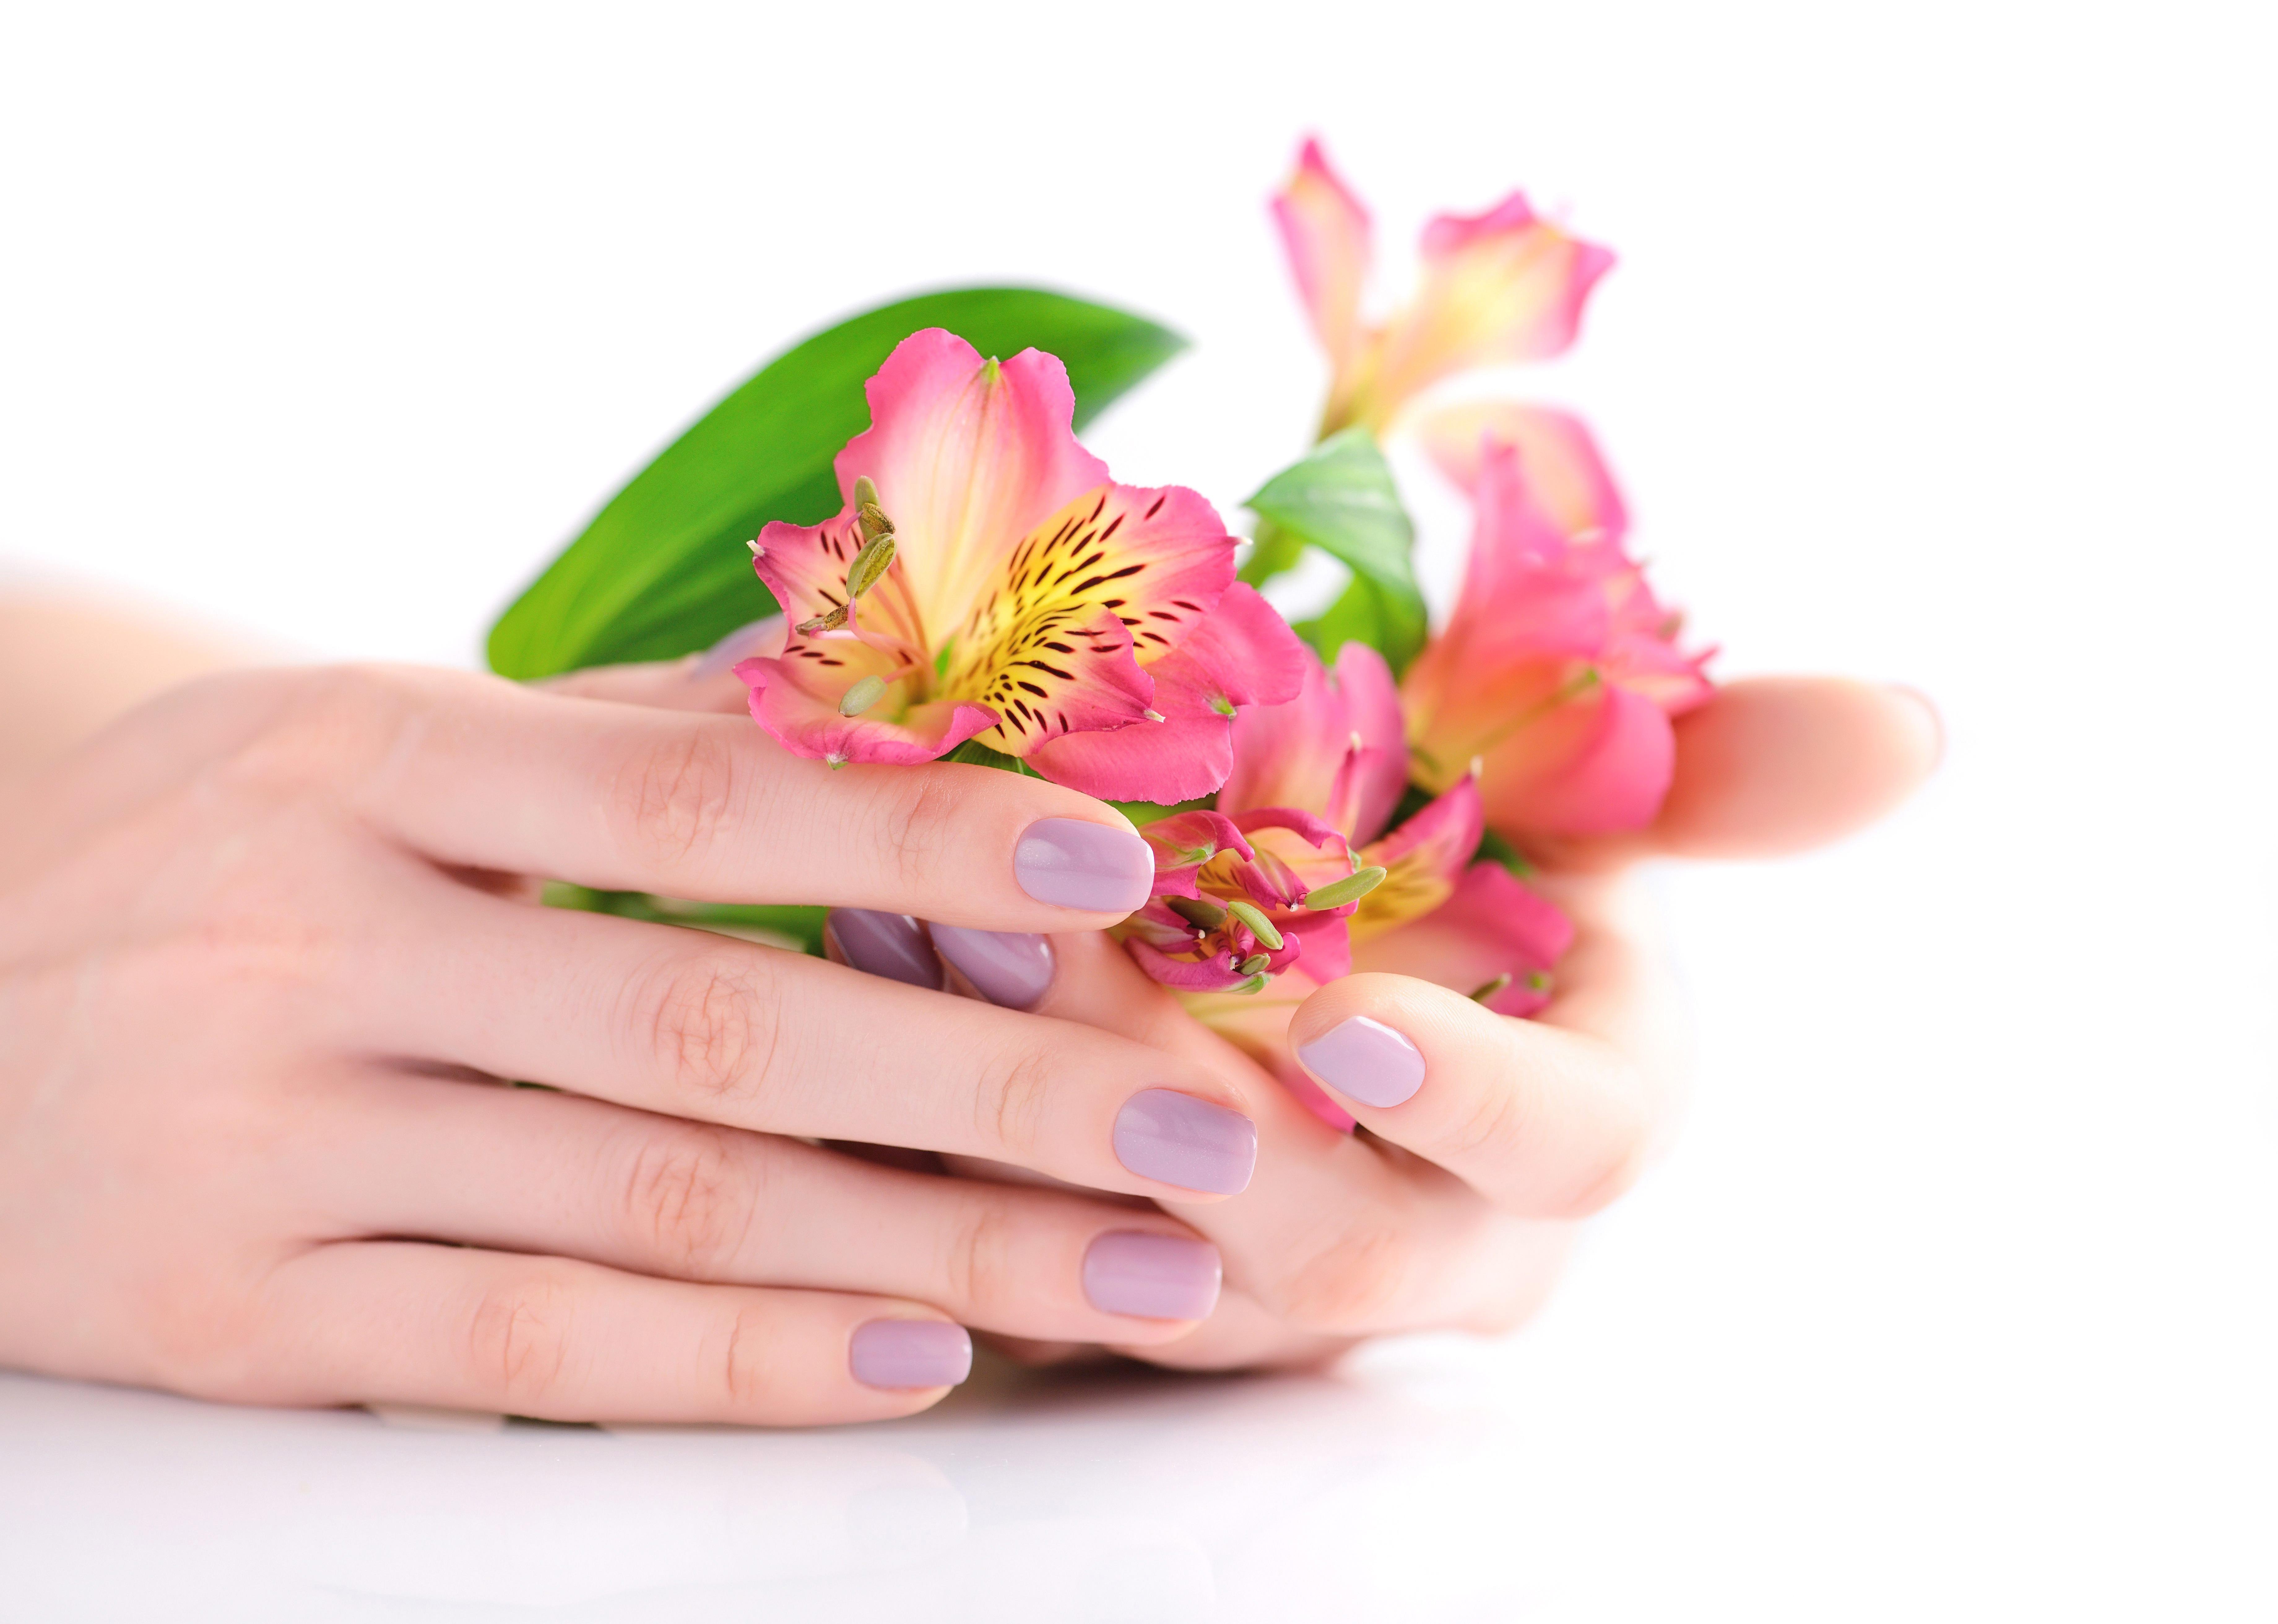 profesjonalne kosmetyki do pielęgnacji dłoni